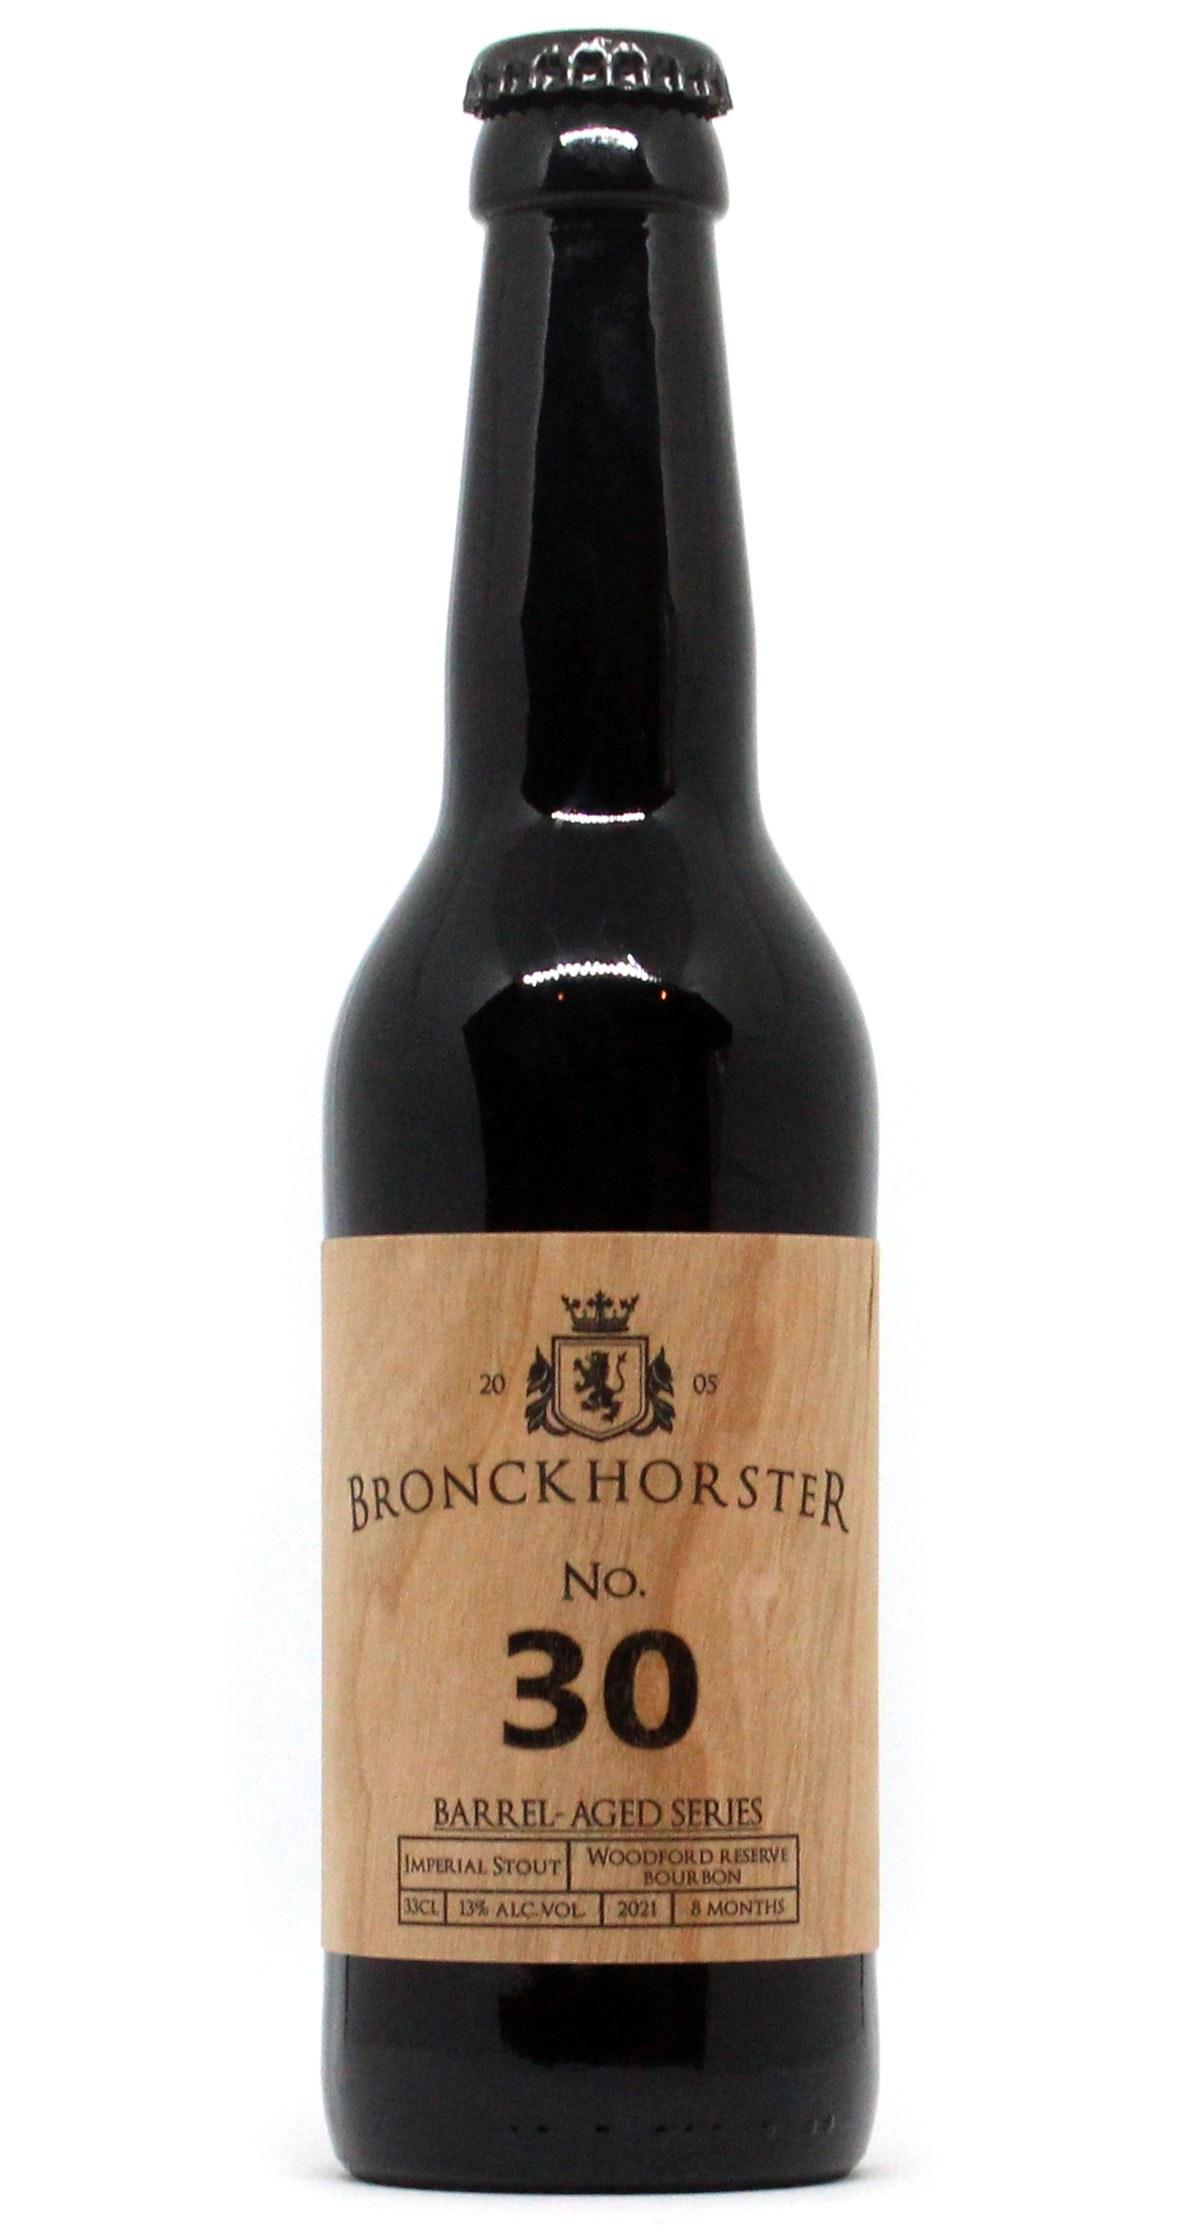 Bronckhorster Barrel Aged Series No.30